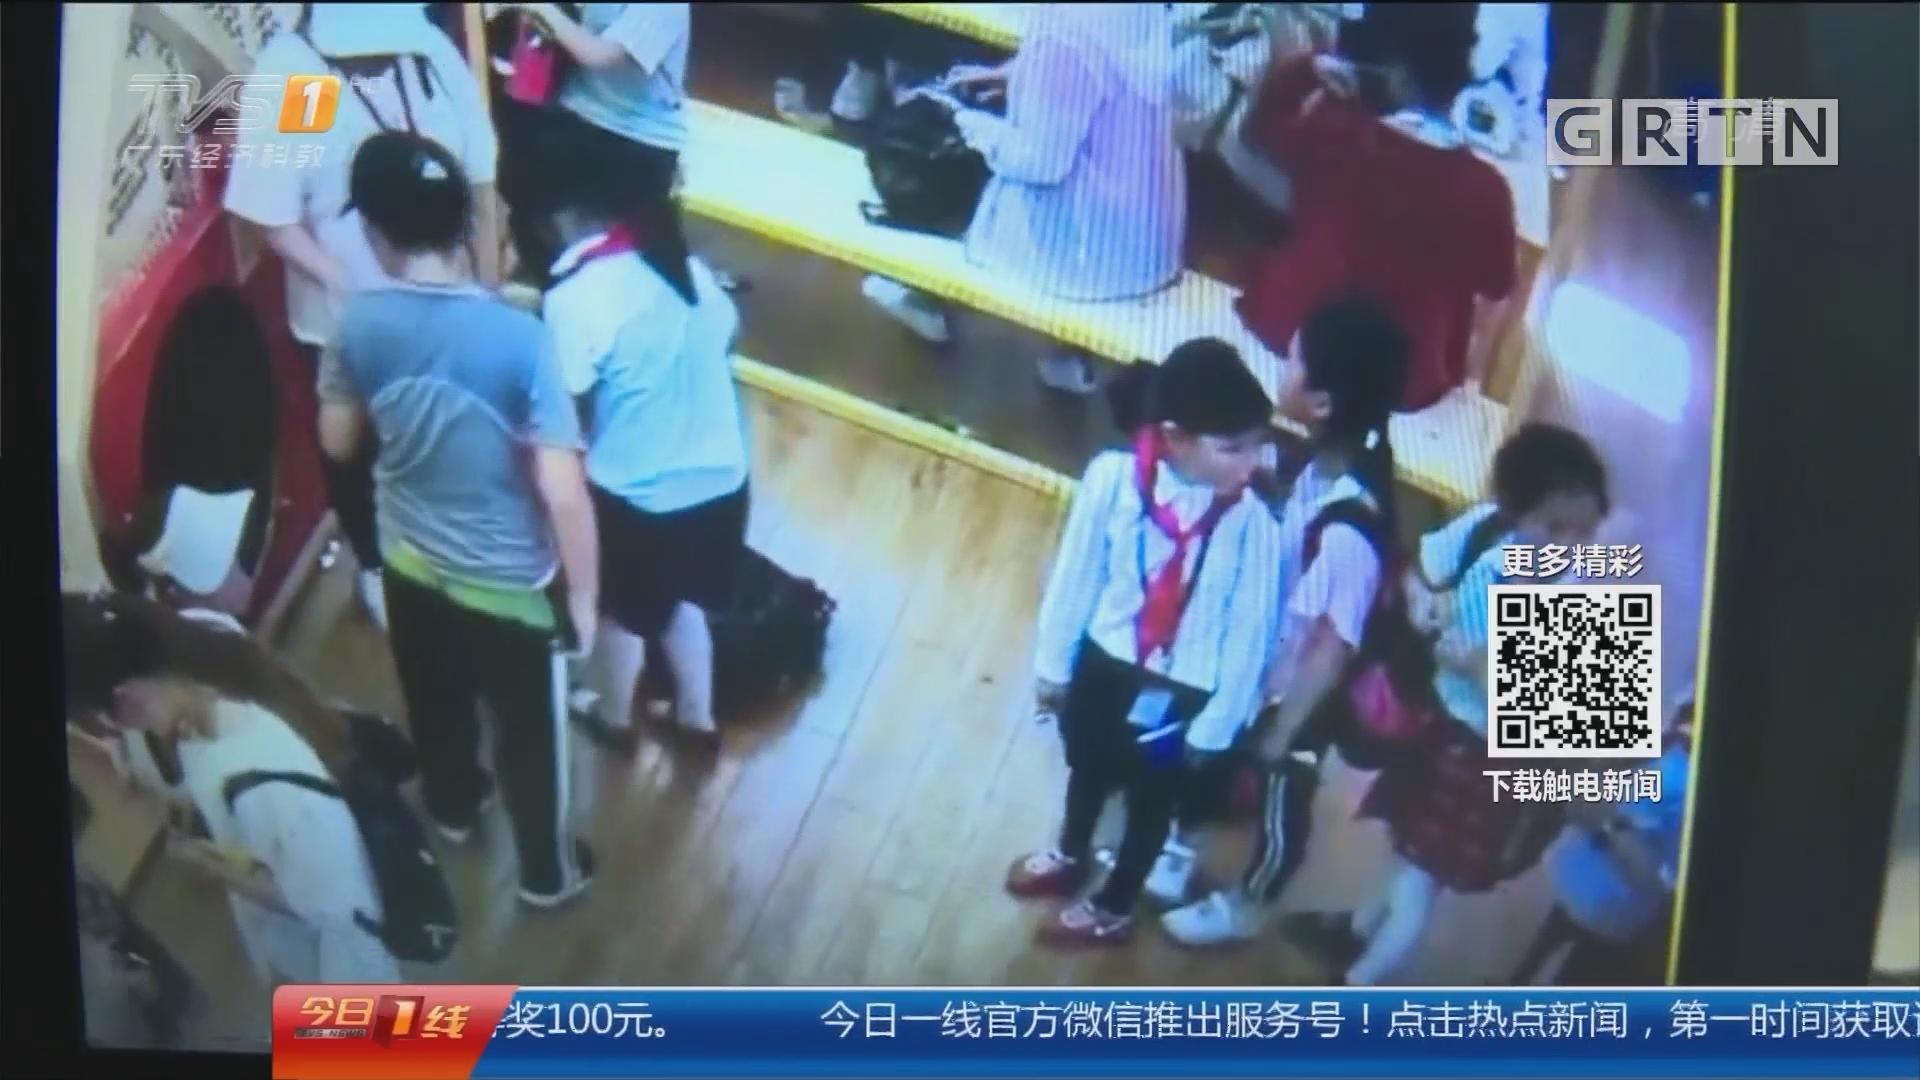 湖南长沙:女童阻插队被推倒 当事人被行拘罚款